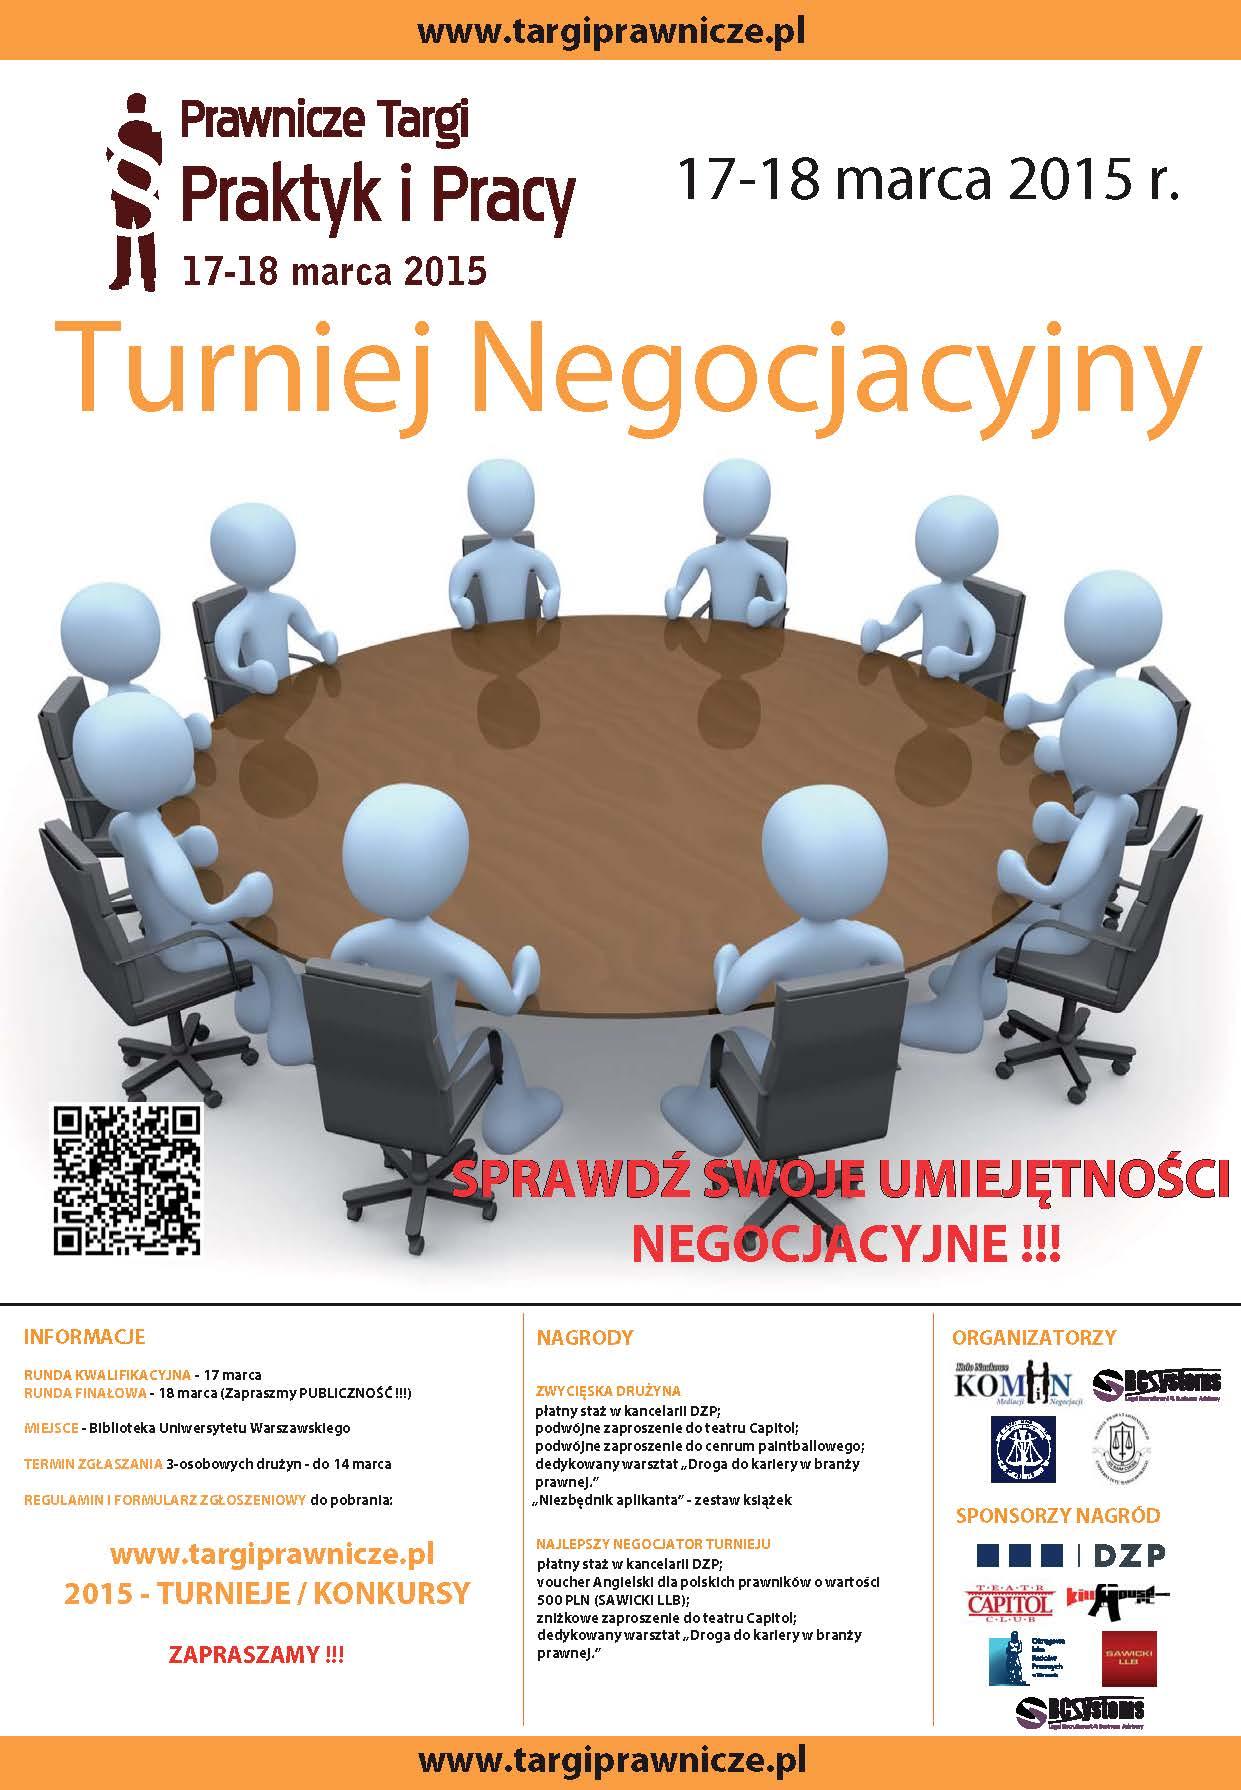 2015 plakat Turniej Negocjacyjny